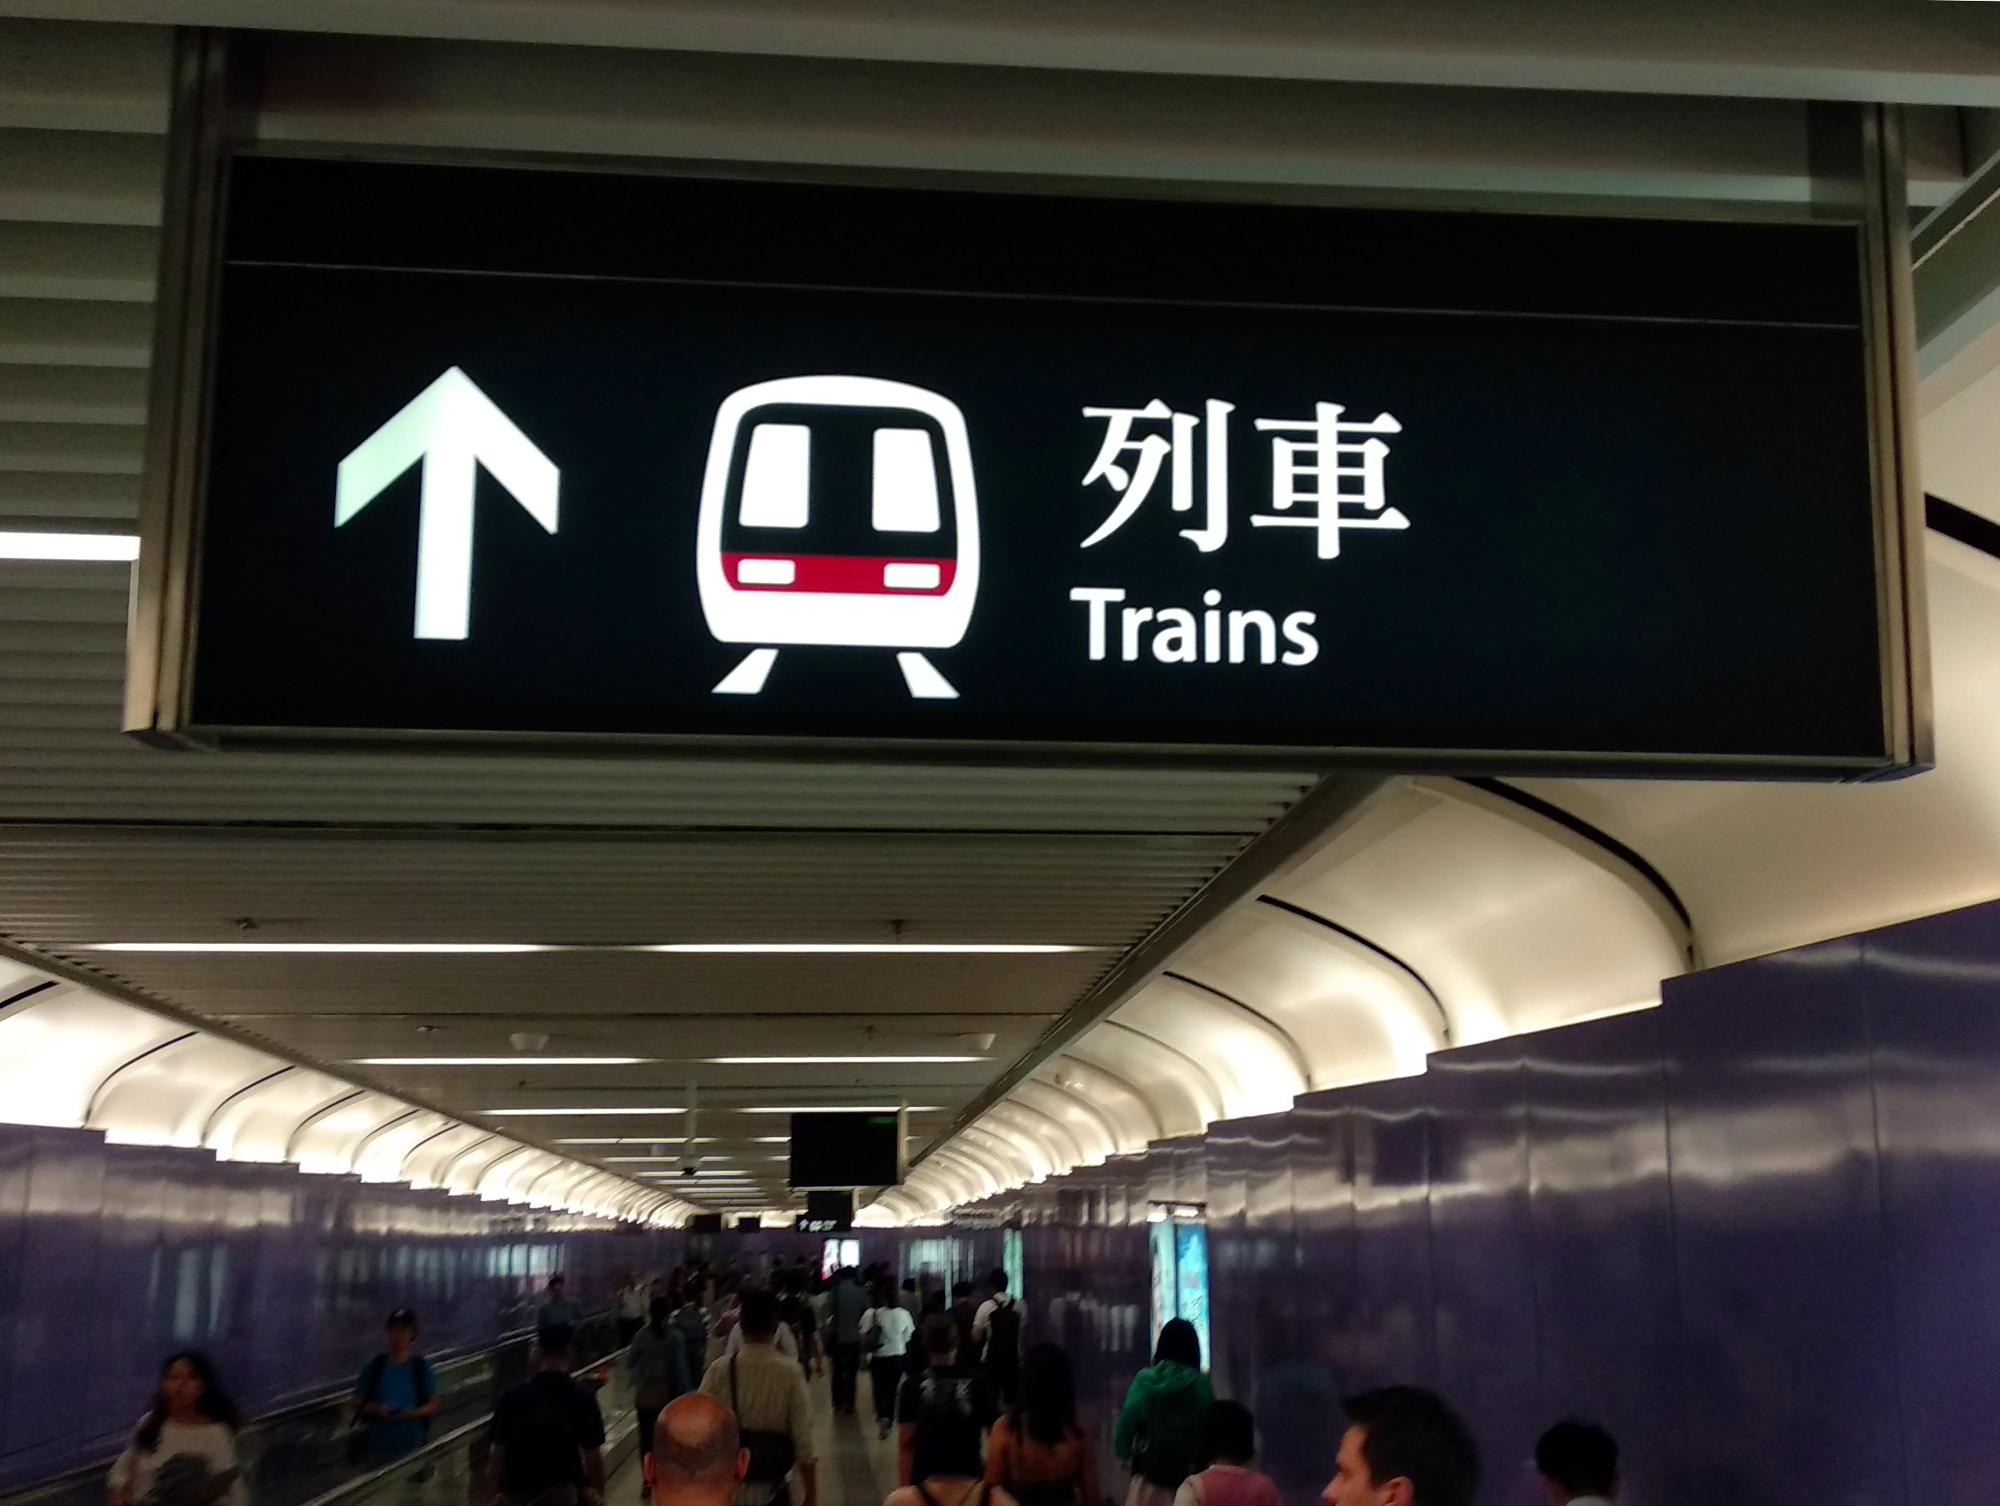 MTR Station Say Ying Pun